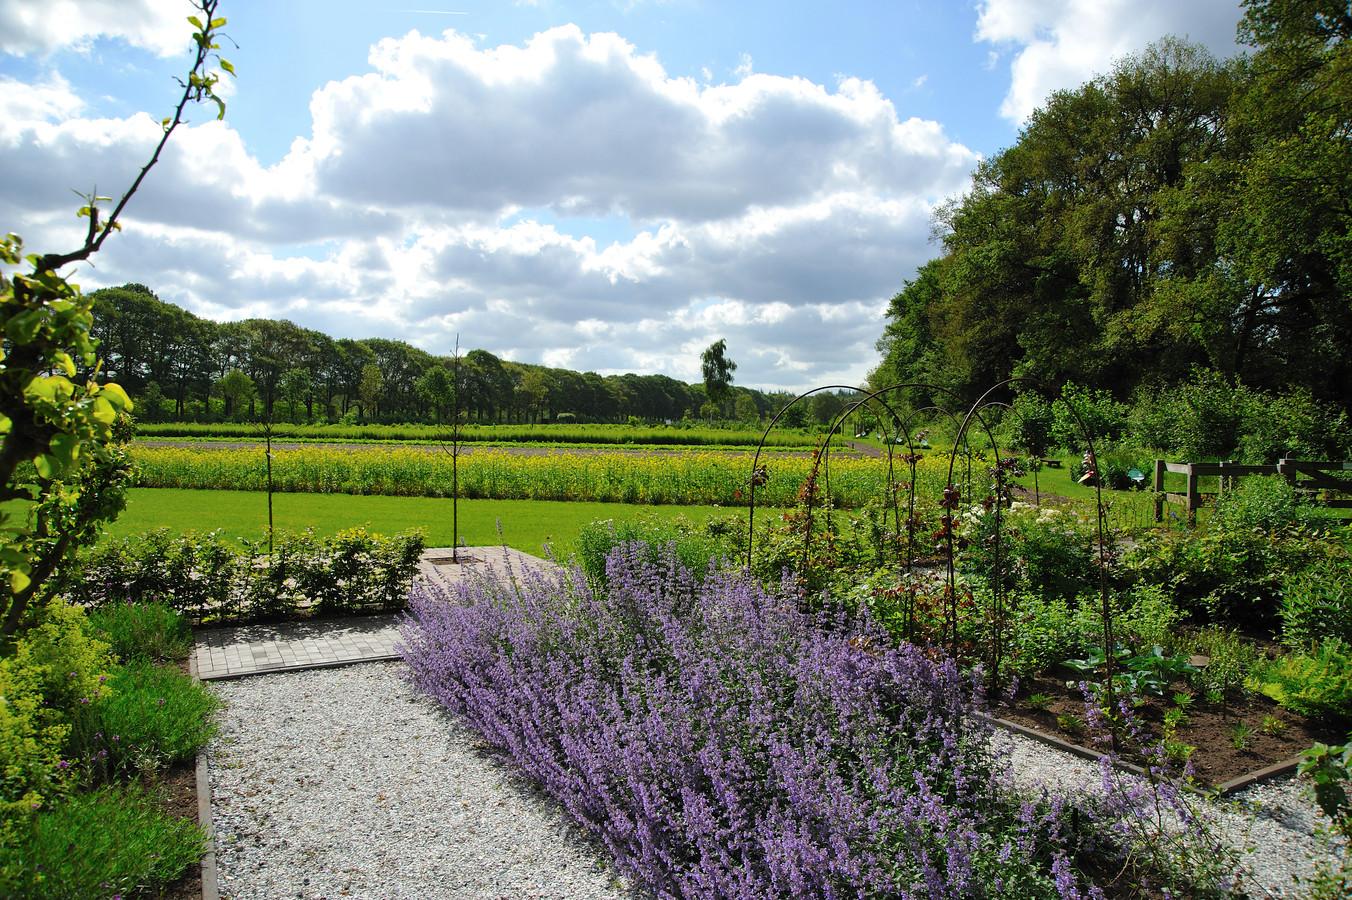 In de eigen A. Vogel Tuinen in 't Harde kweekt Biohorma de kruiden die voor de middelen worden gebruikt. De ecologische kwekerij heeft een oppervlakte van 14 hectare.